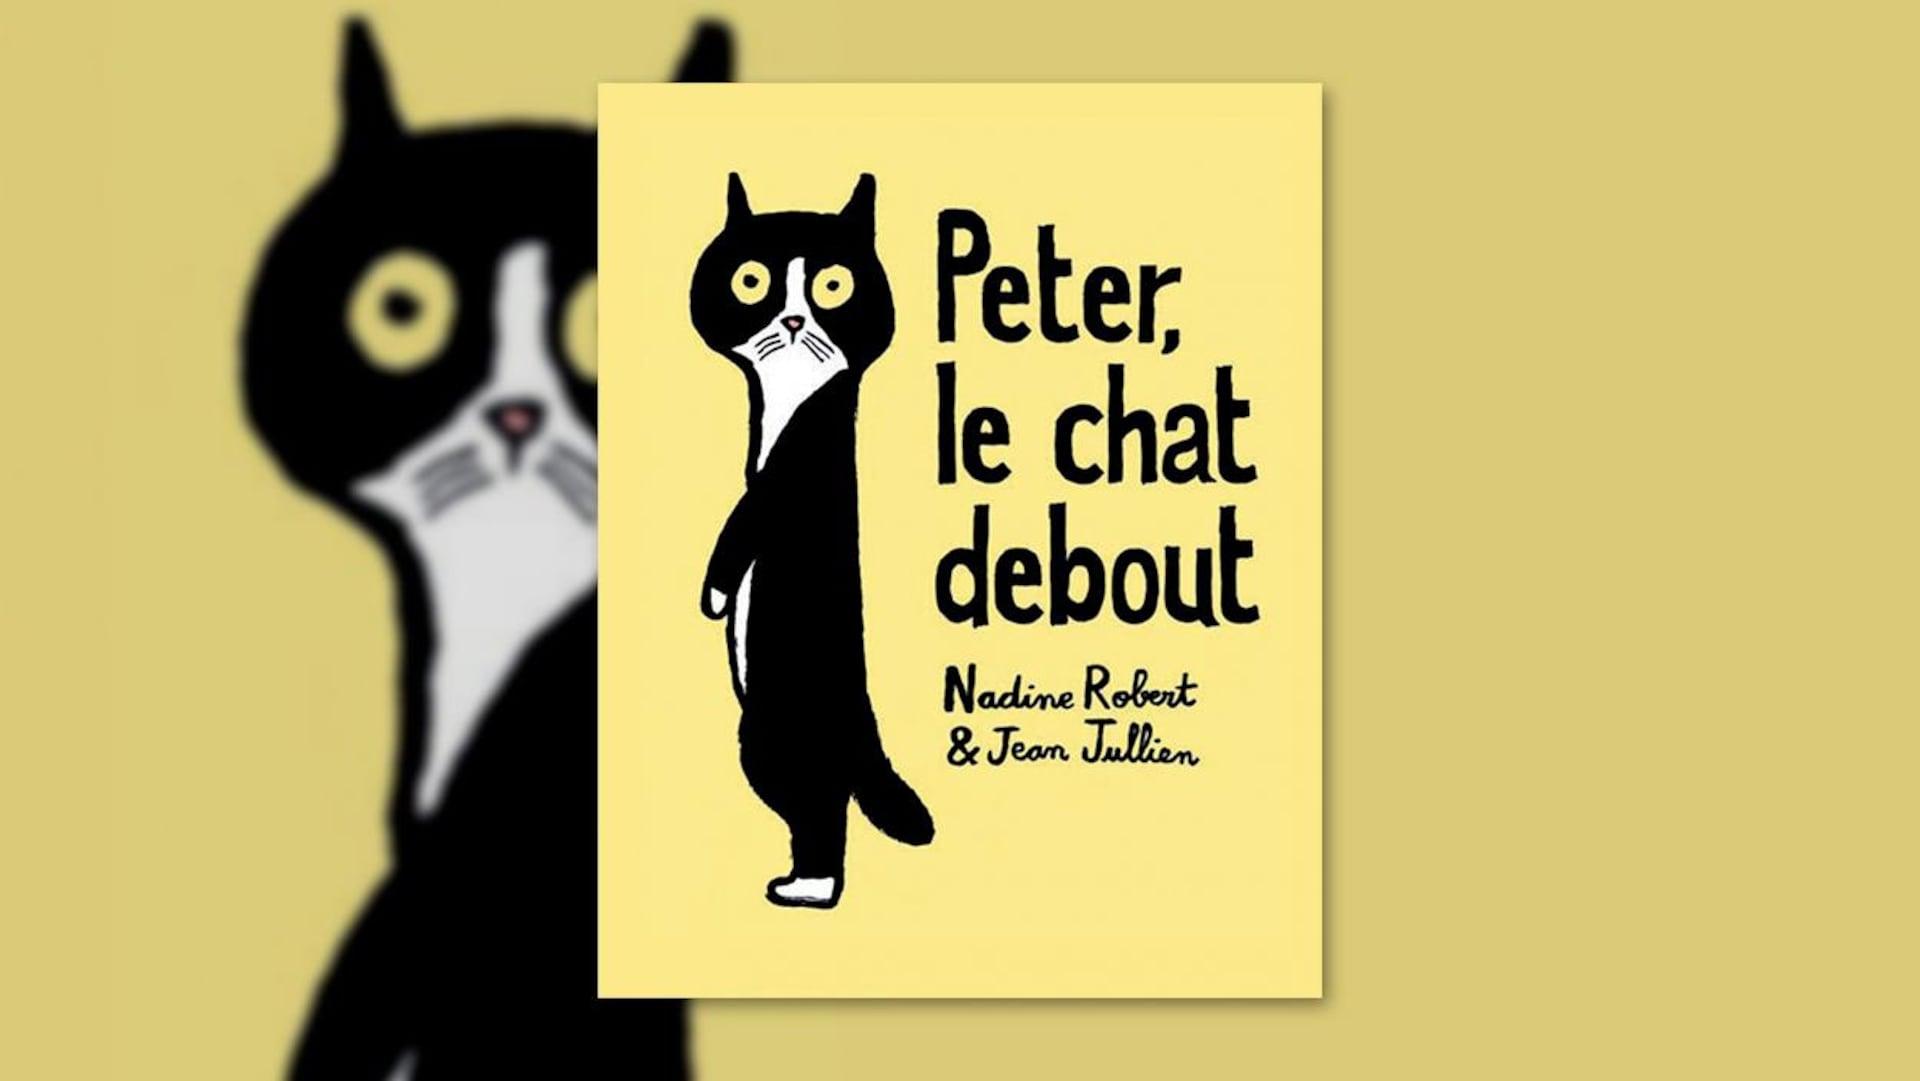 La couverture du livre «Peter le chat debout» de Nadine Robert et Jean Jullien